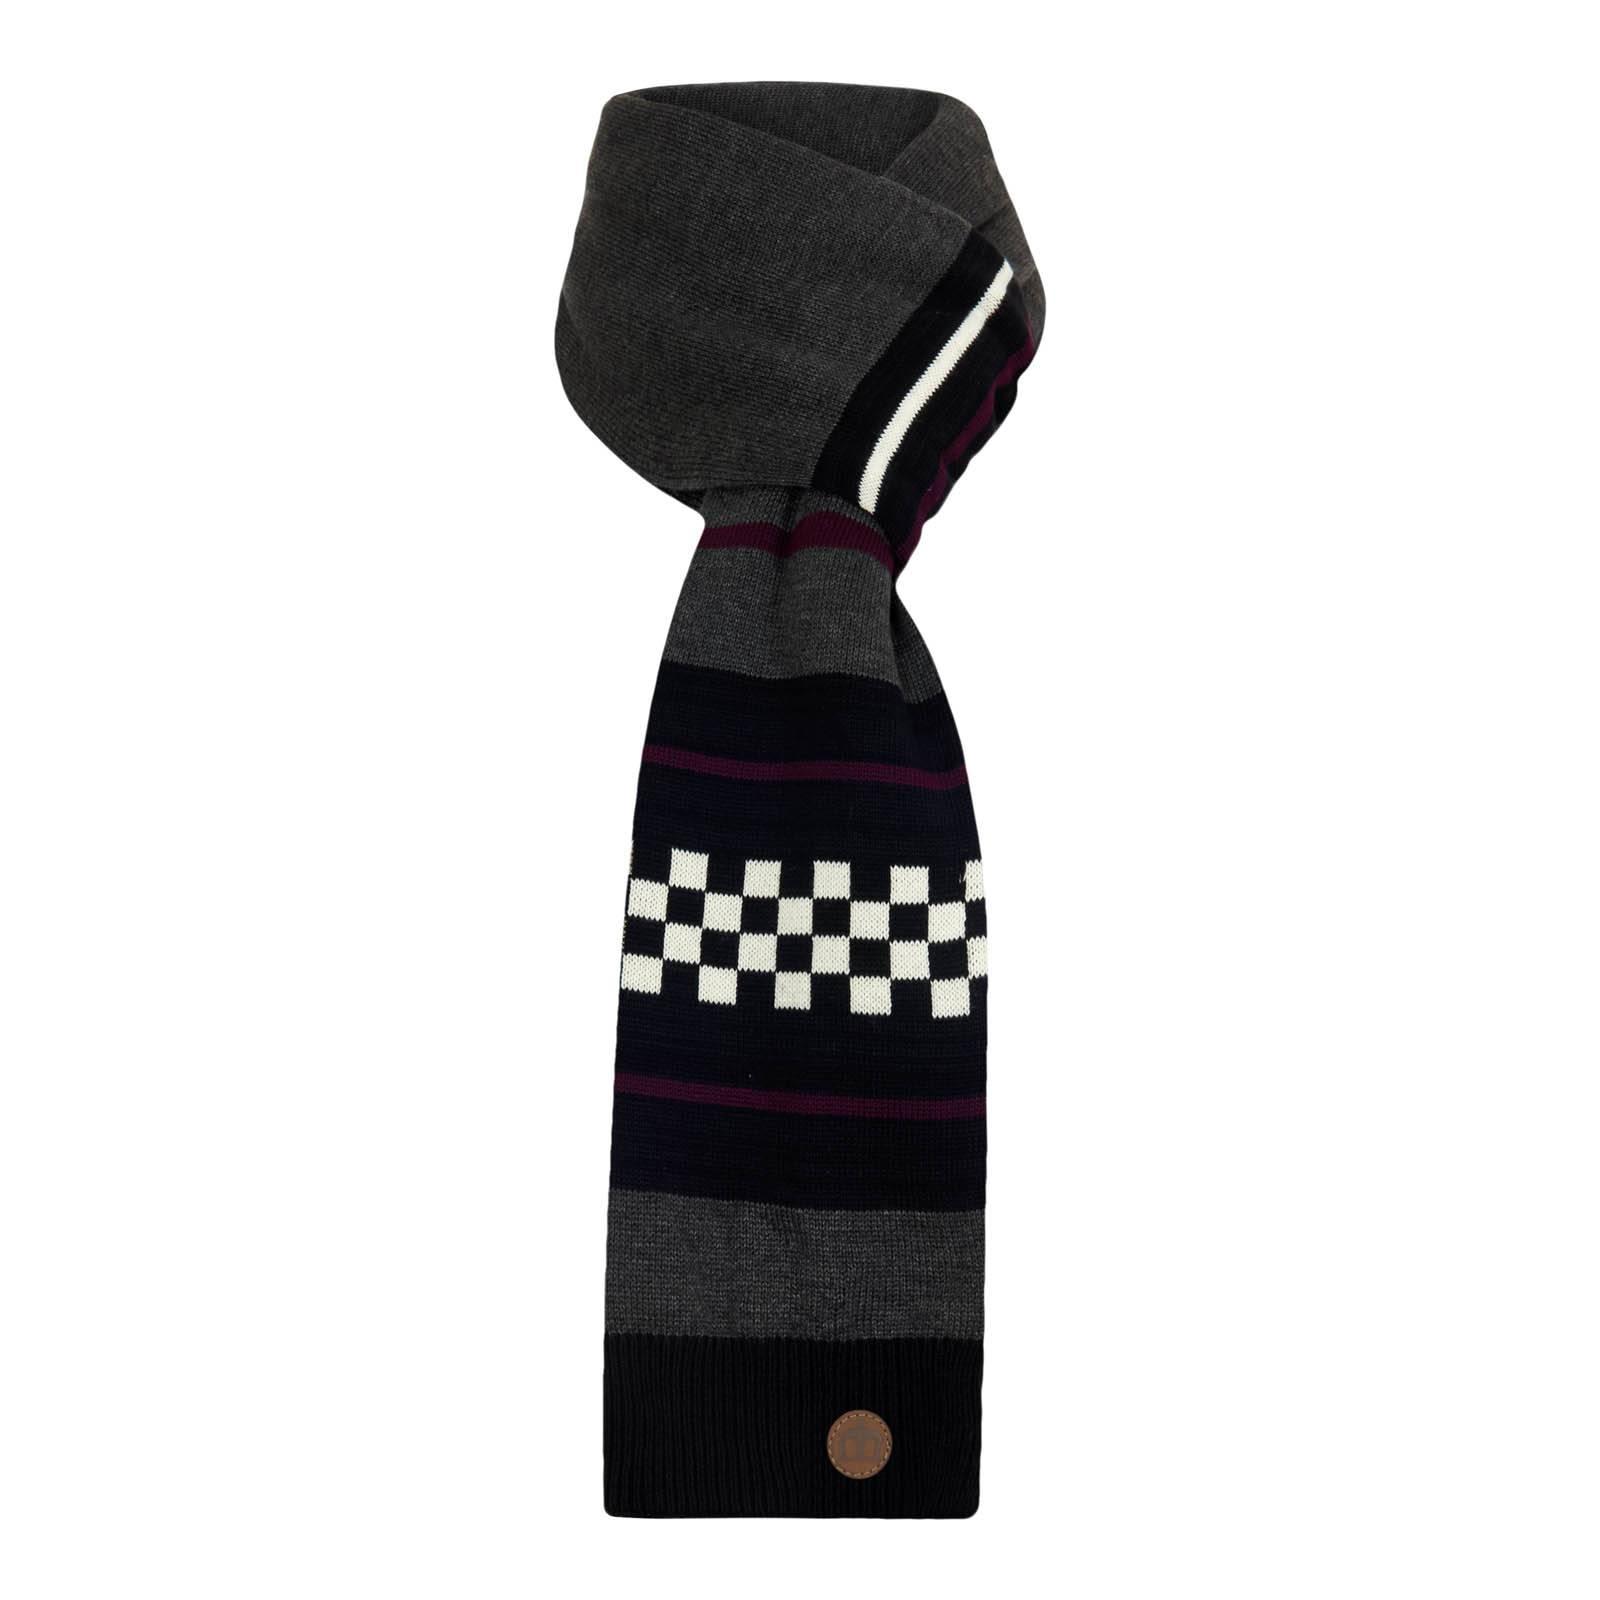 Шарф ClaxbyСлайдер на главной<br>Зимний шарф унисекс, произведенный из высококачественного комбинированного трикотажа – не раздражающей кожу ткани с хорошими теплоизоляционными свойствами.  Украшен в ретро стиле разноцветными поперечными полосами разного объема, красивым кожаным патчем с тиснением фирменного логотипа Корона, а также знаковым узором «шашечка», символизирующим связь бренда с субкультурой Ска. Этот шарф хорошо сочетается с черной паркой или синим дафлкотом, а также с множеством других моделей верхней одежды.<br><br>Артикул: 1016203<br>Материал: 50% хлопок, 50% акрил<br>Цвет: серый с черным<br>Пол: Унисекс